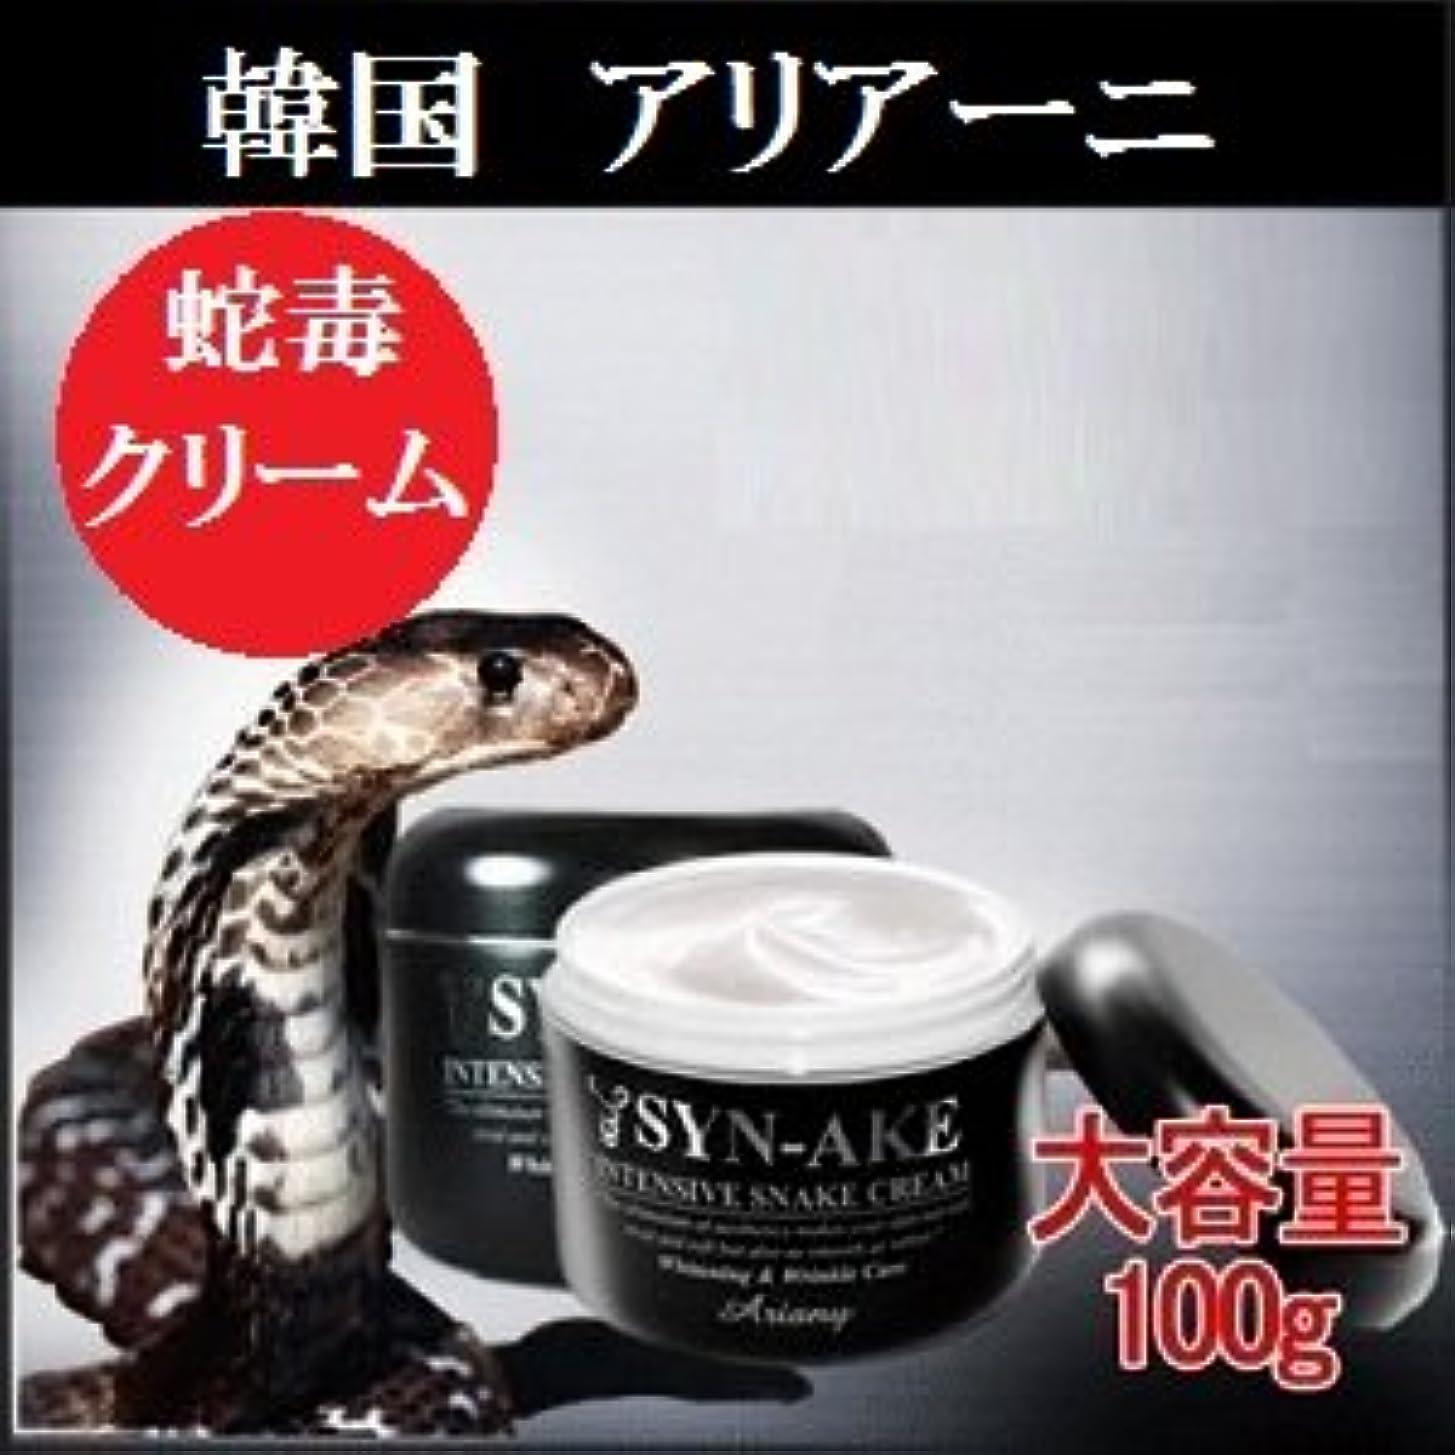 スライム実施する同種の韓国アリアー二 (Ariany) シンエイク 毒蛇クリーム